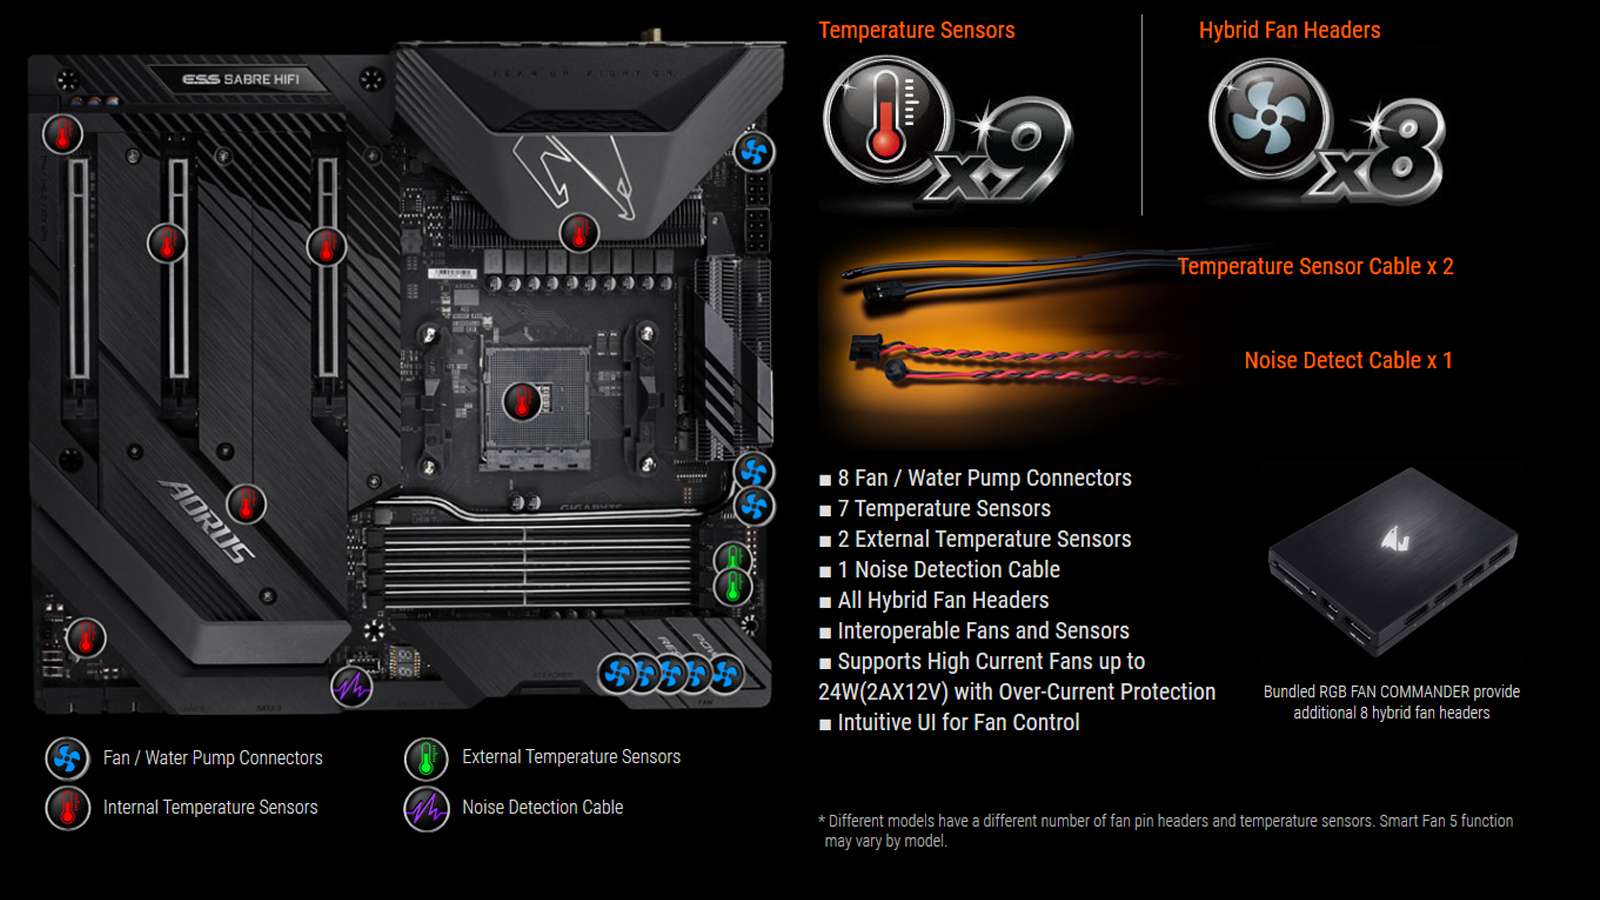 Smart Fan 5 und der RGB Fan Commander mit acht zusätzlichen Fan Headern